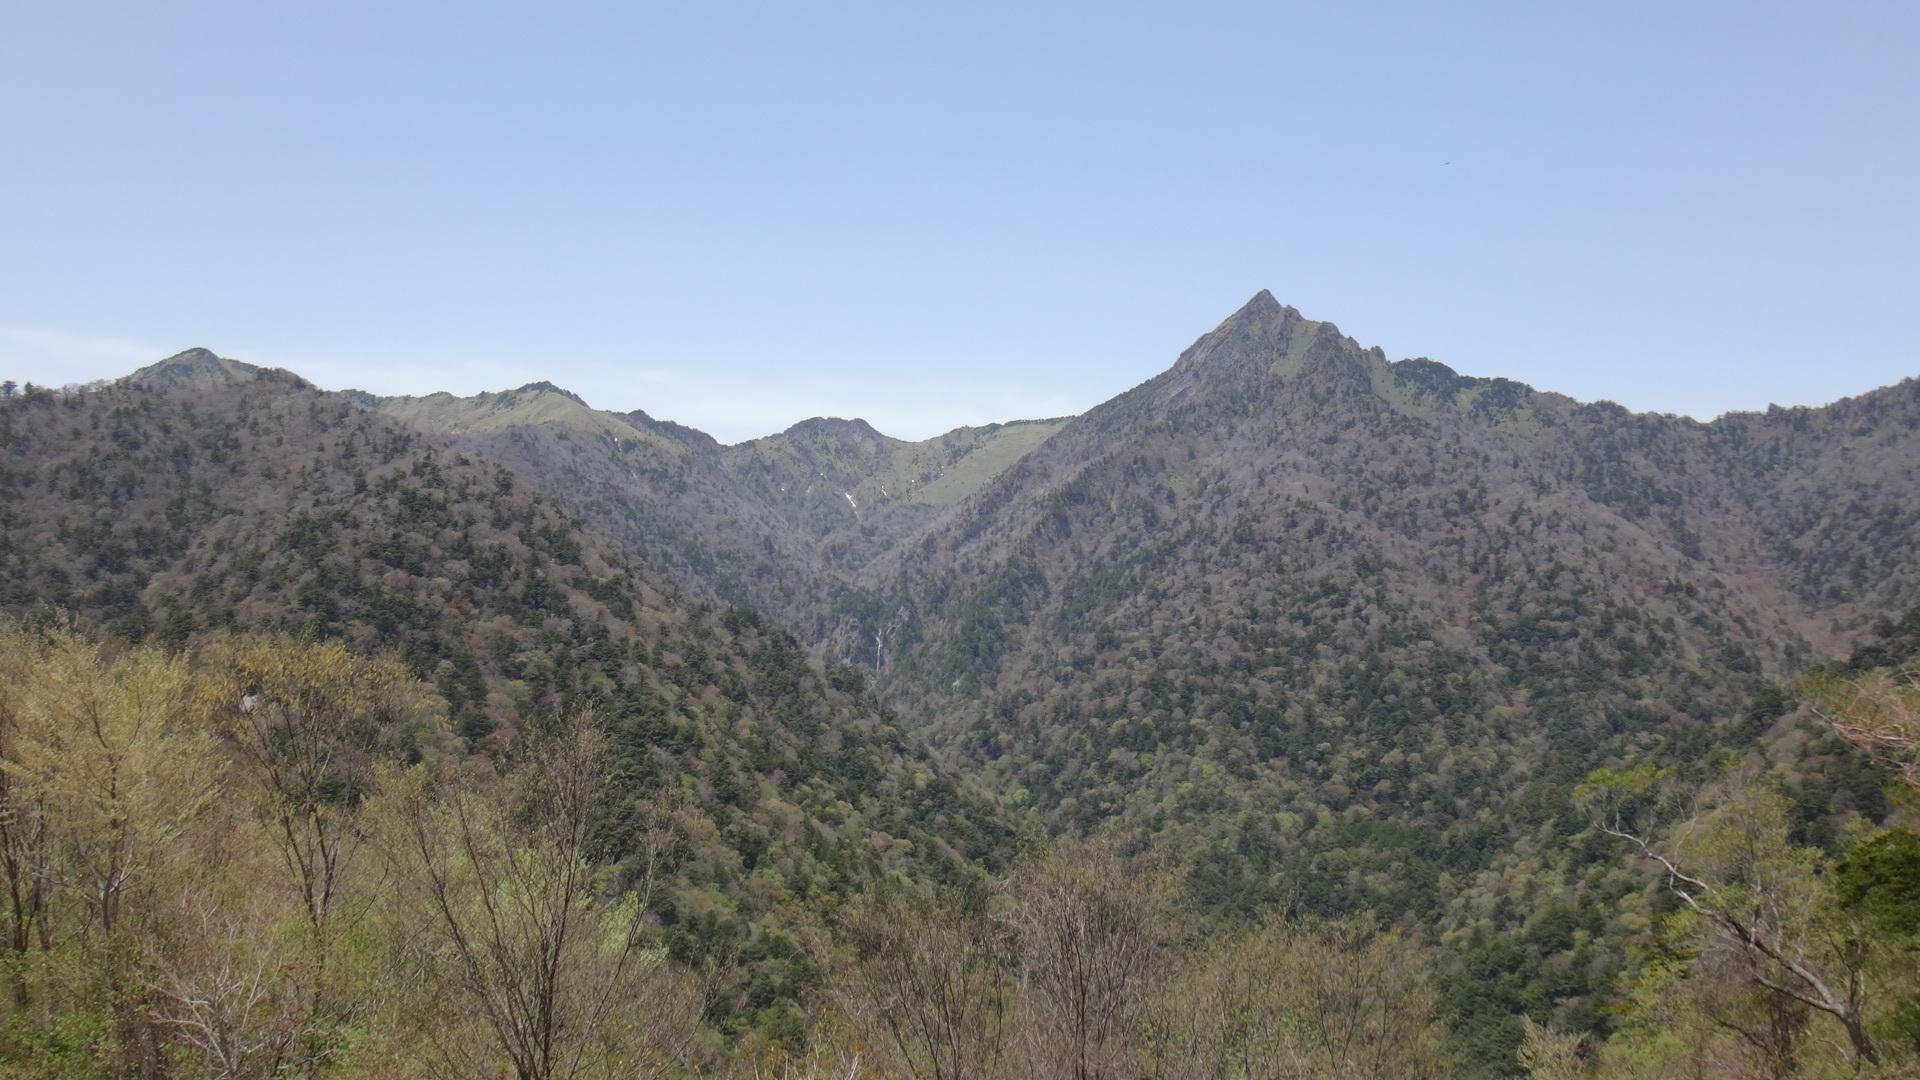 石鎚スカイライン6長尾根展望所御来光の滝と石鎚山